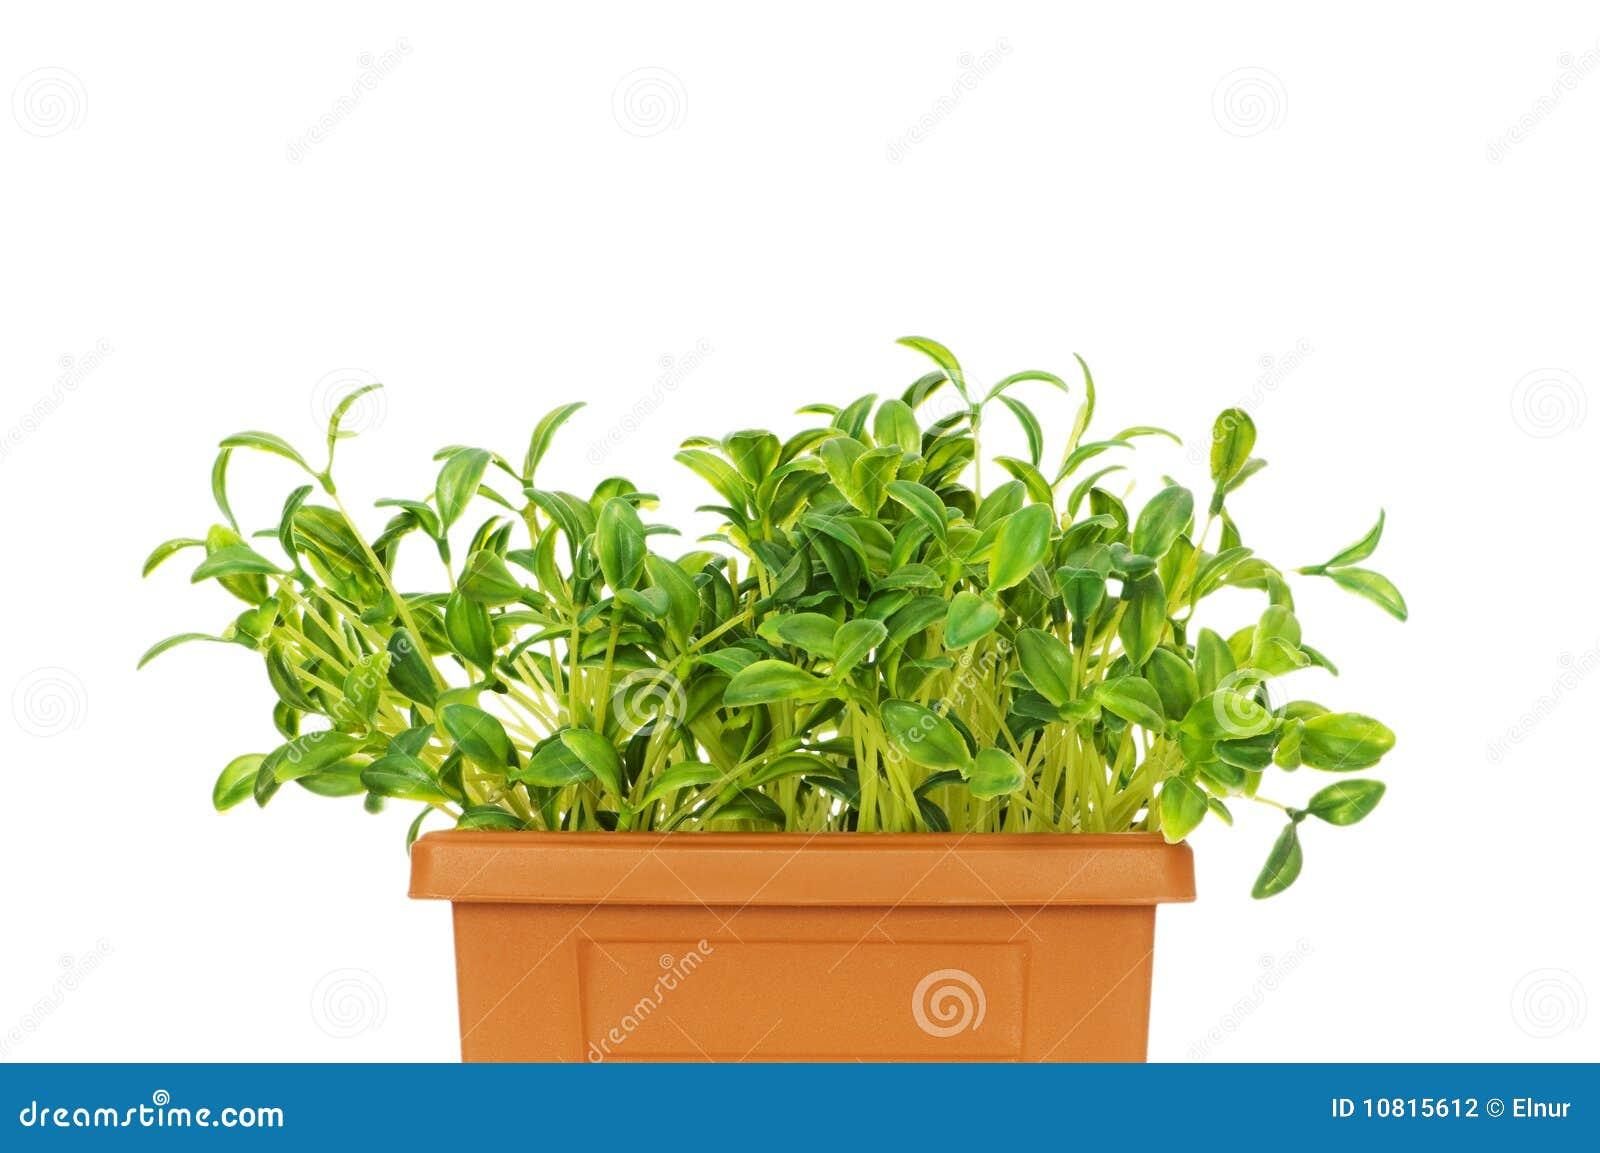 Green seedlings growing